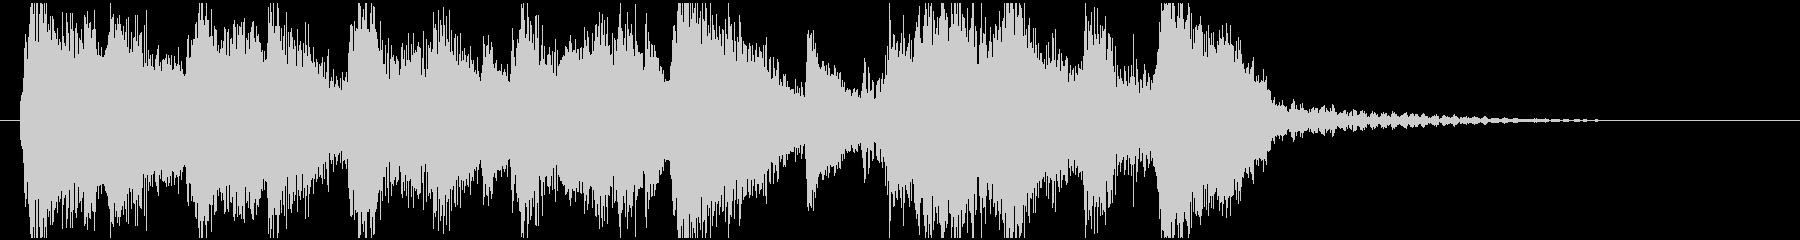 ハロウィンジングルの未再生の波形